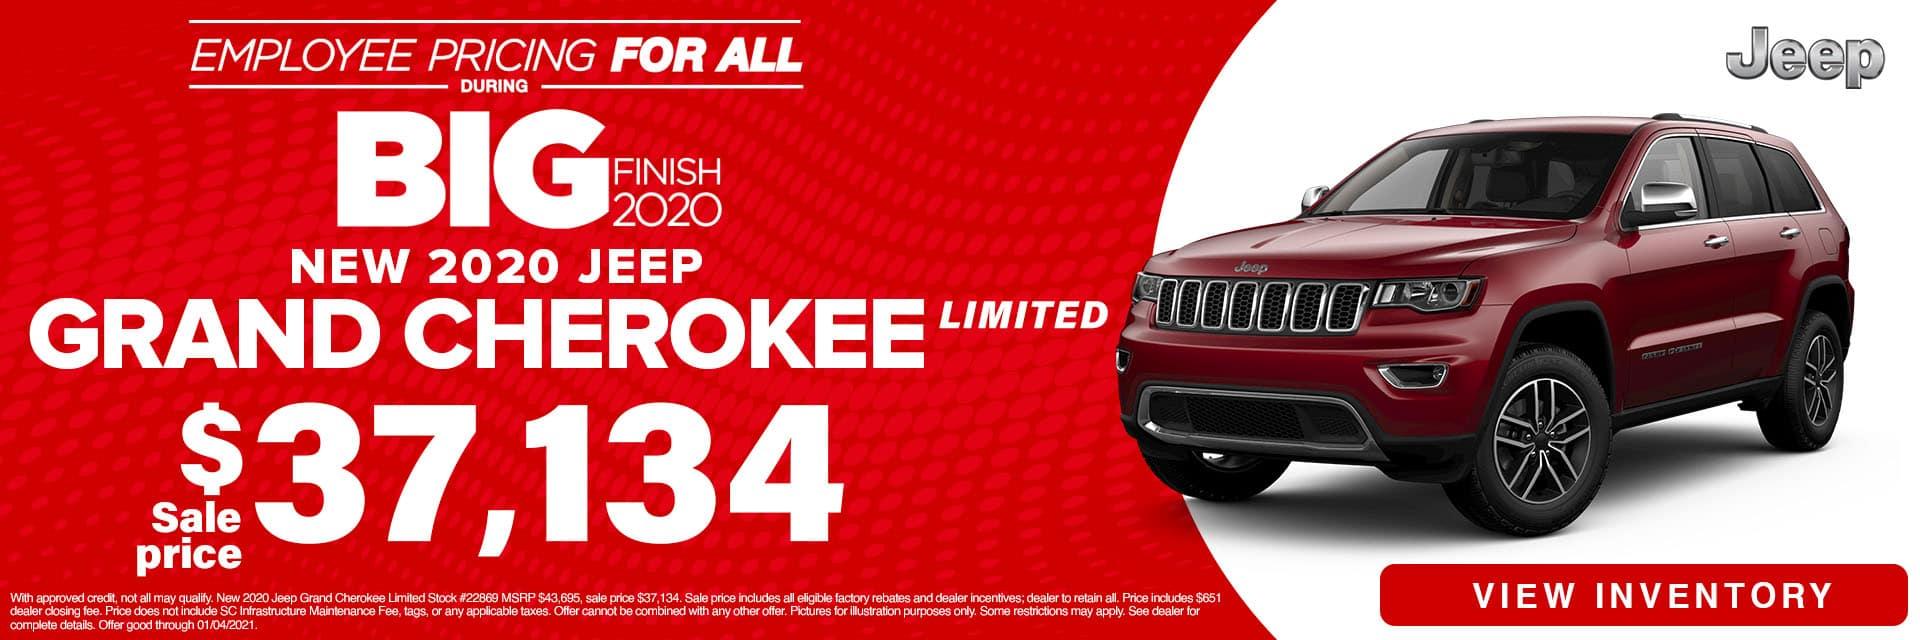 SLCJ-December 2020-2020 Jeep Grand Cherokee